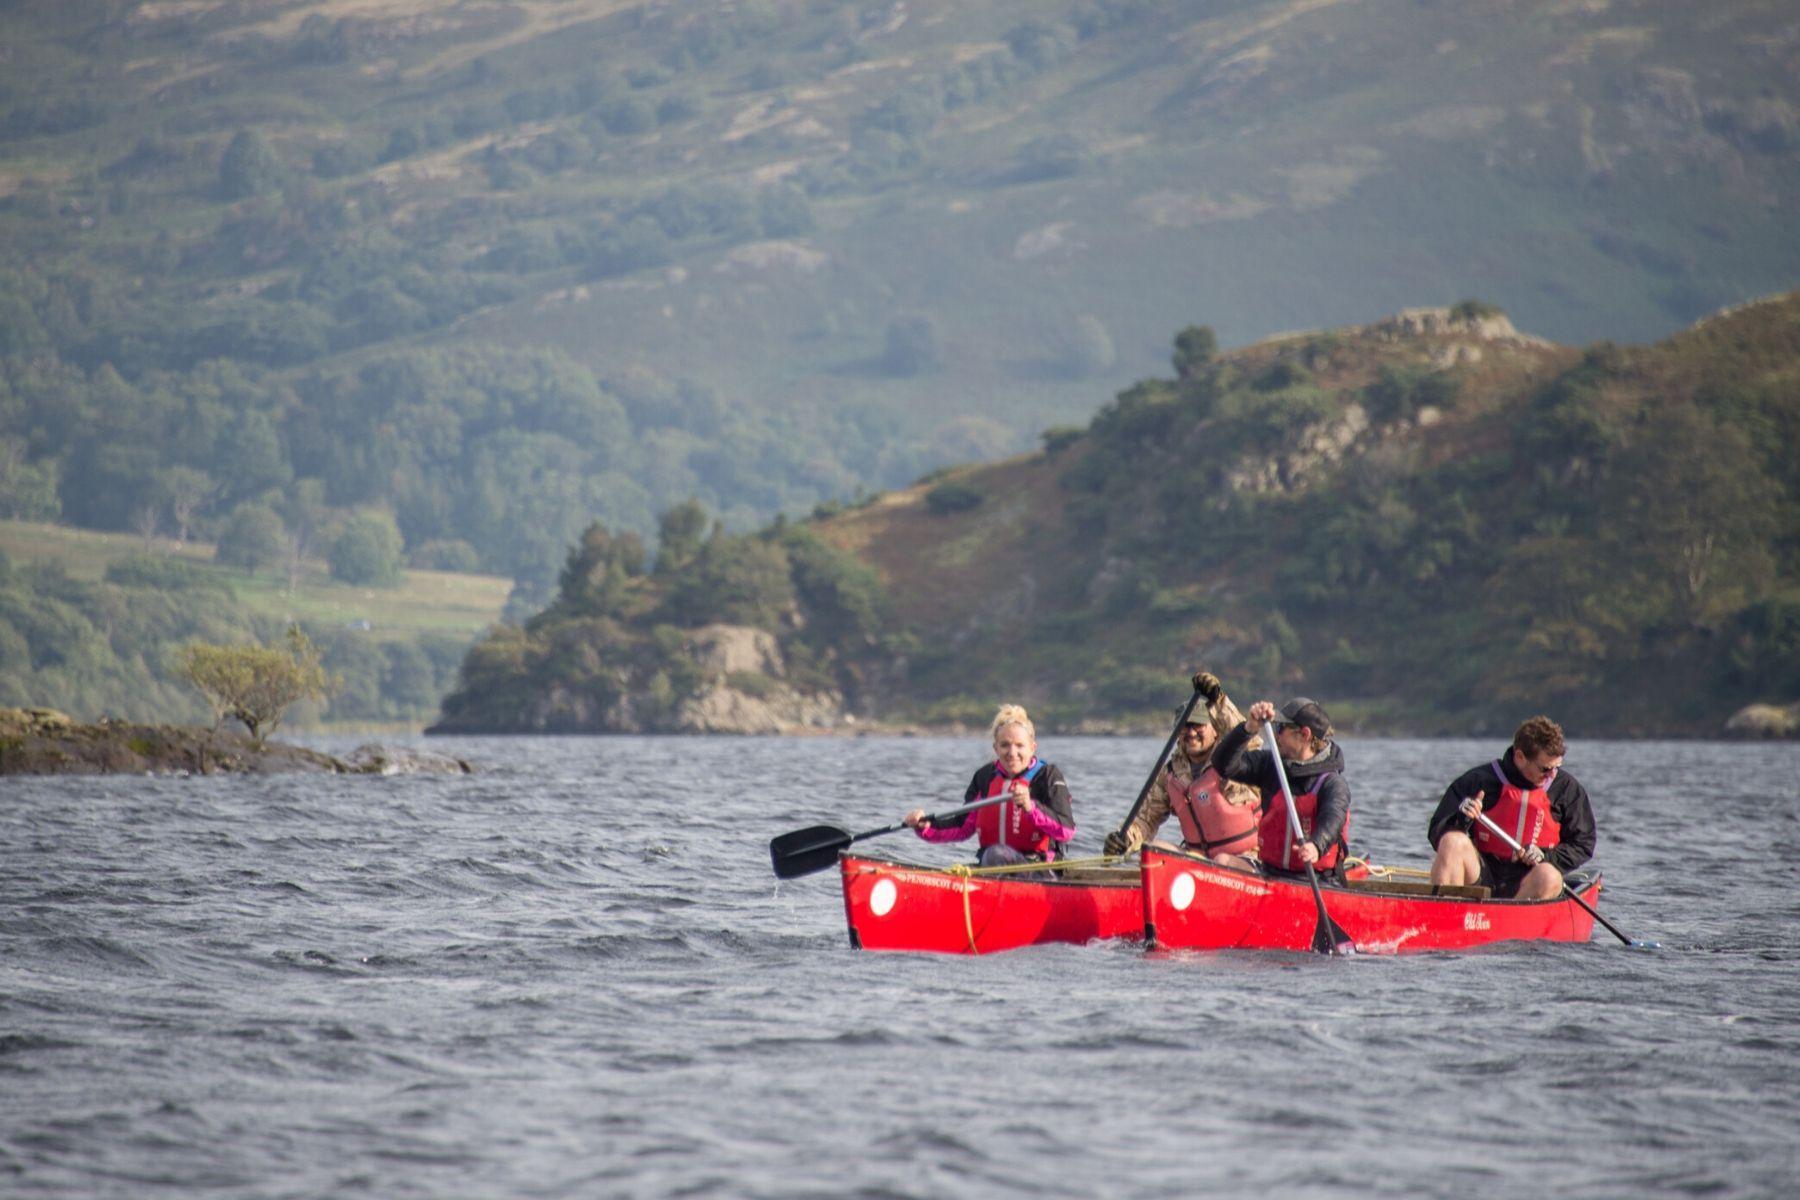 Canoe Derwentwater